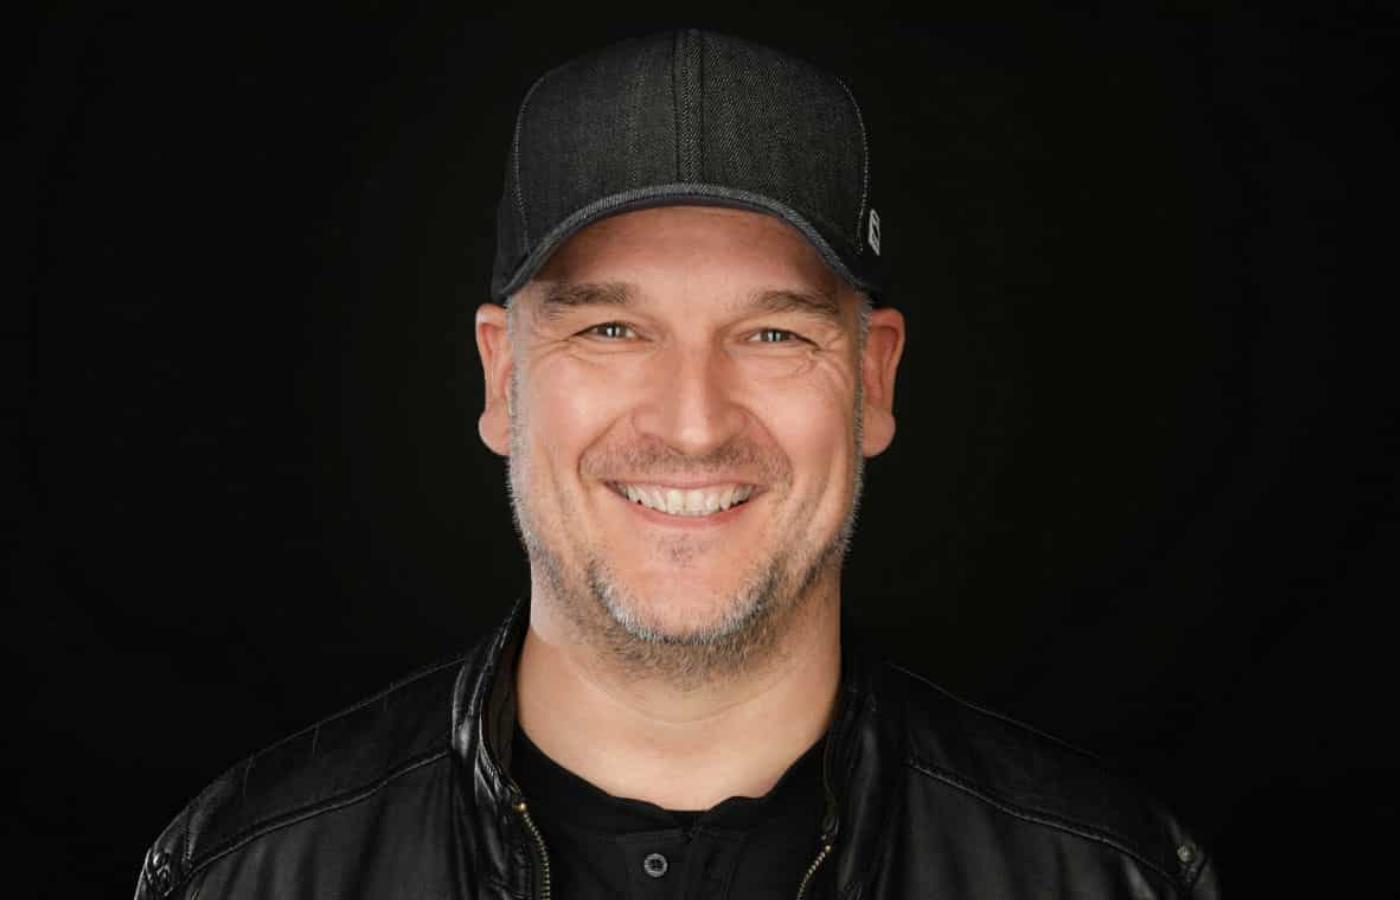 Jorn van Deynhoven lanzó el último single de su carrera